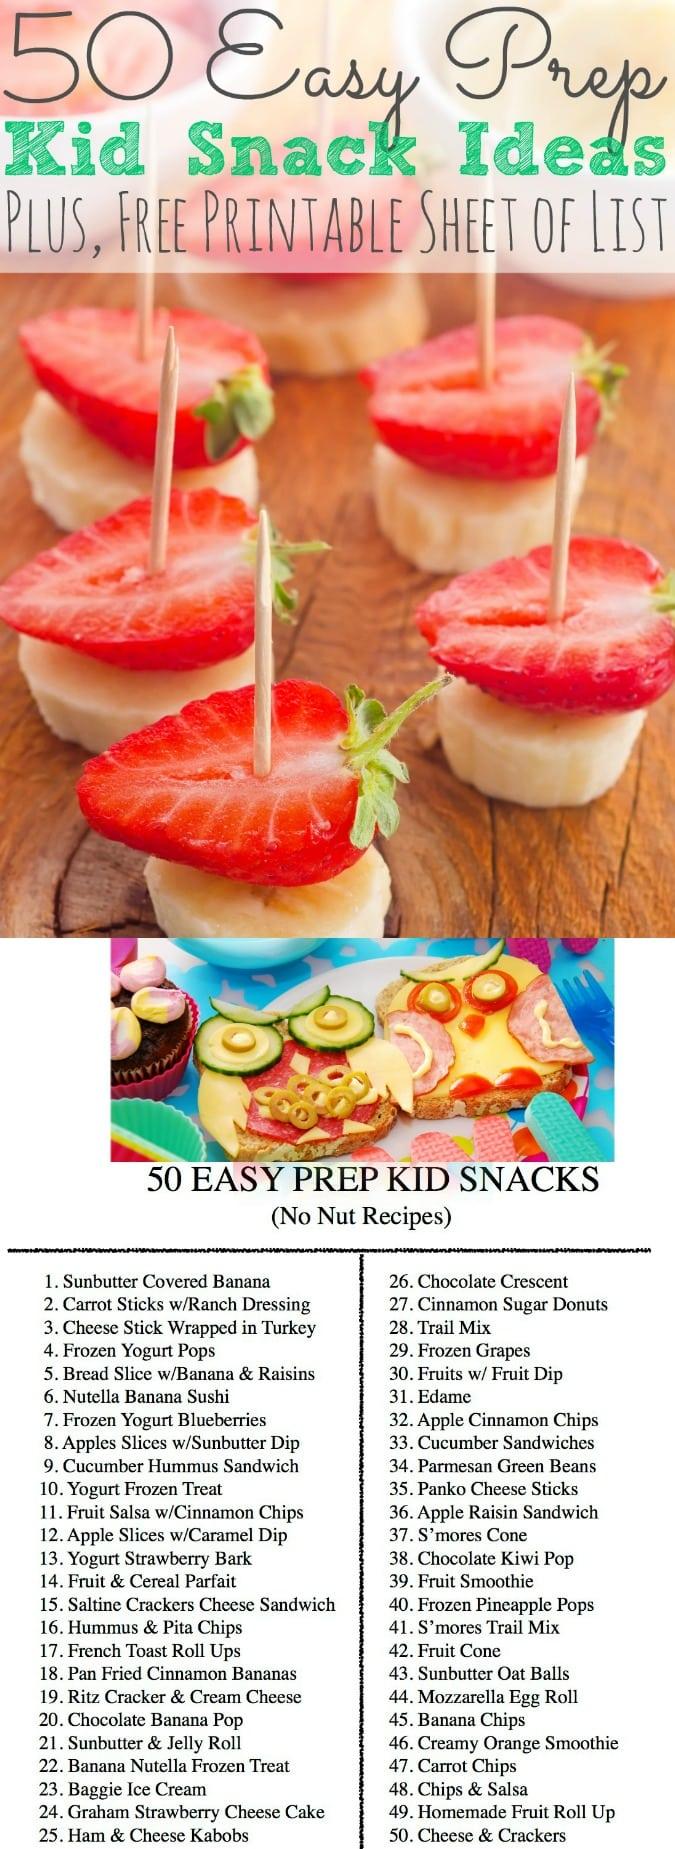 50 Easy Prep Kid Snack Ideas + Printable | Peanut Free Ideas